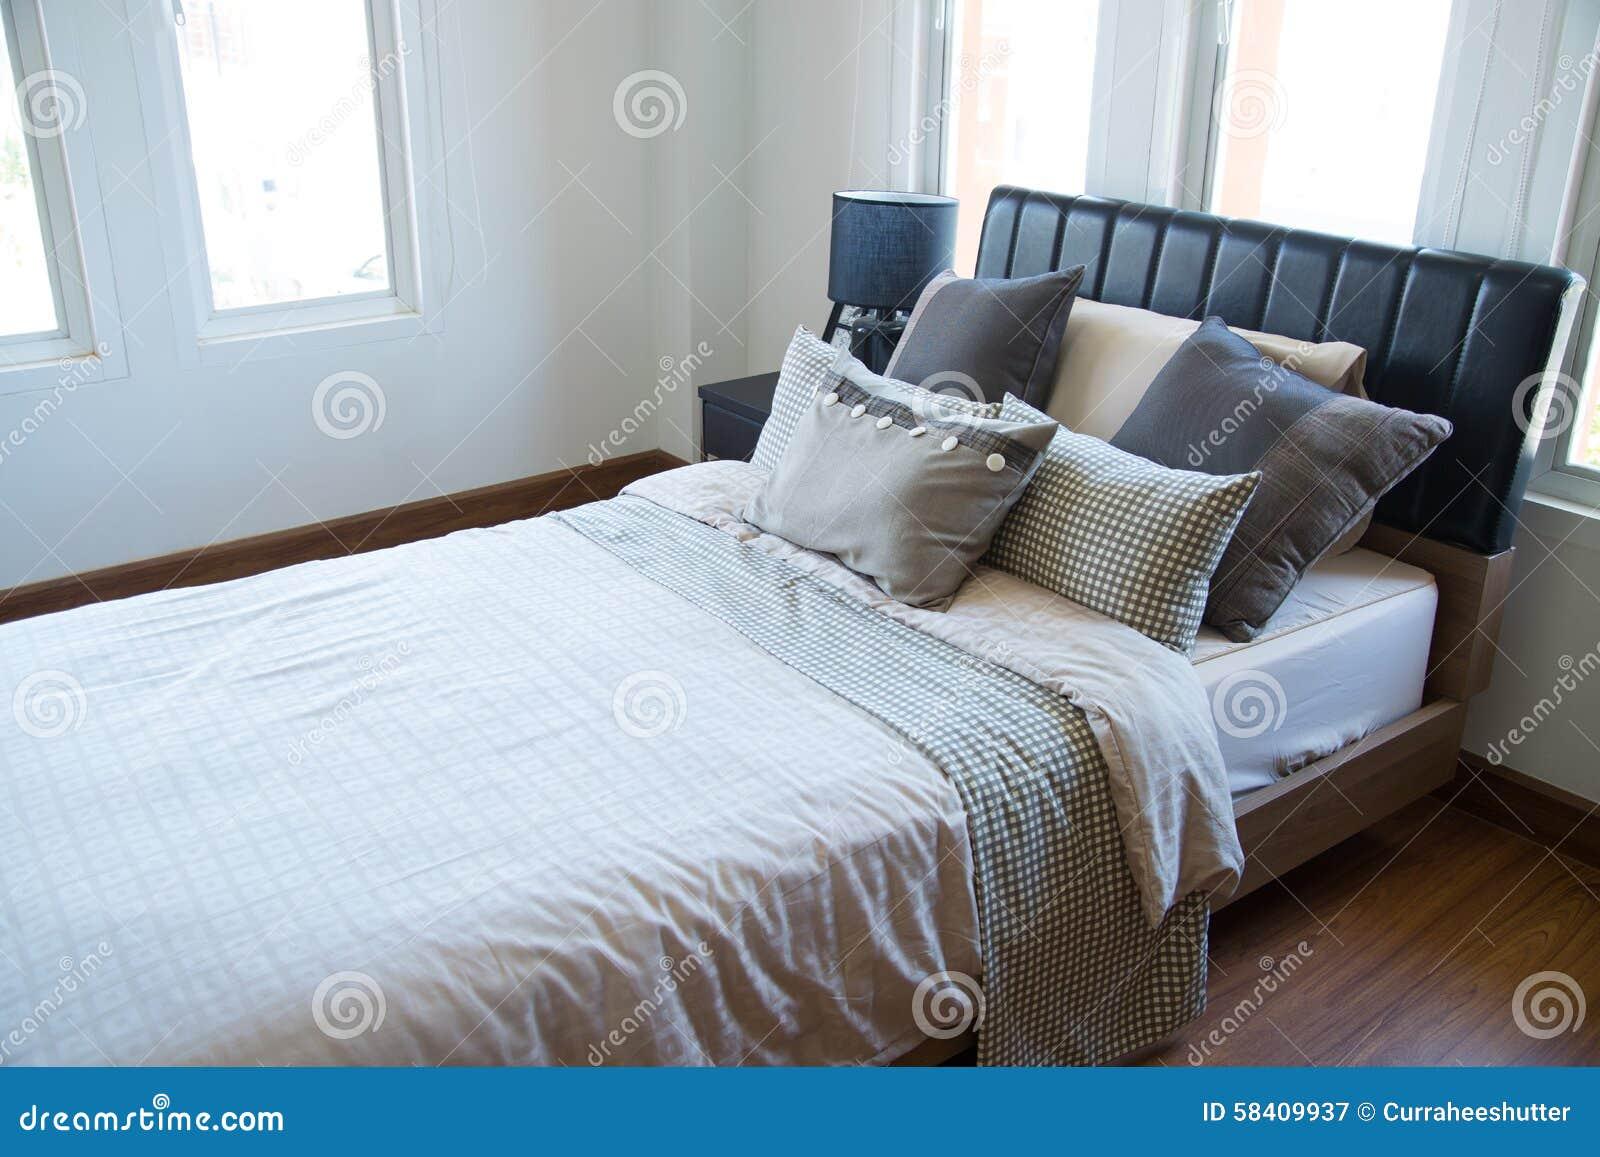 Decorazioni Camere Da Letto : Interno di stanza moderna o della stanza del letto camera da